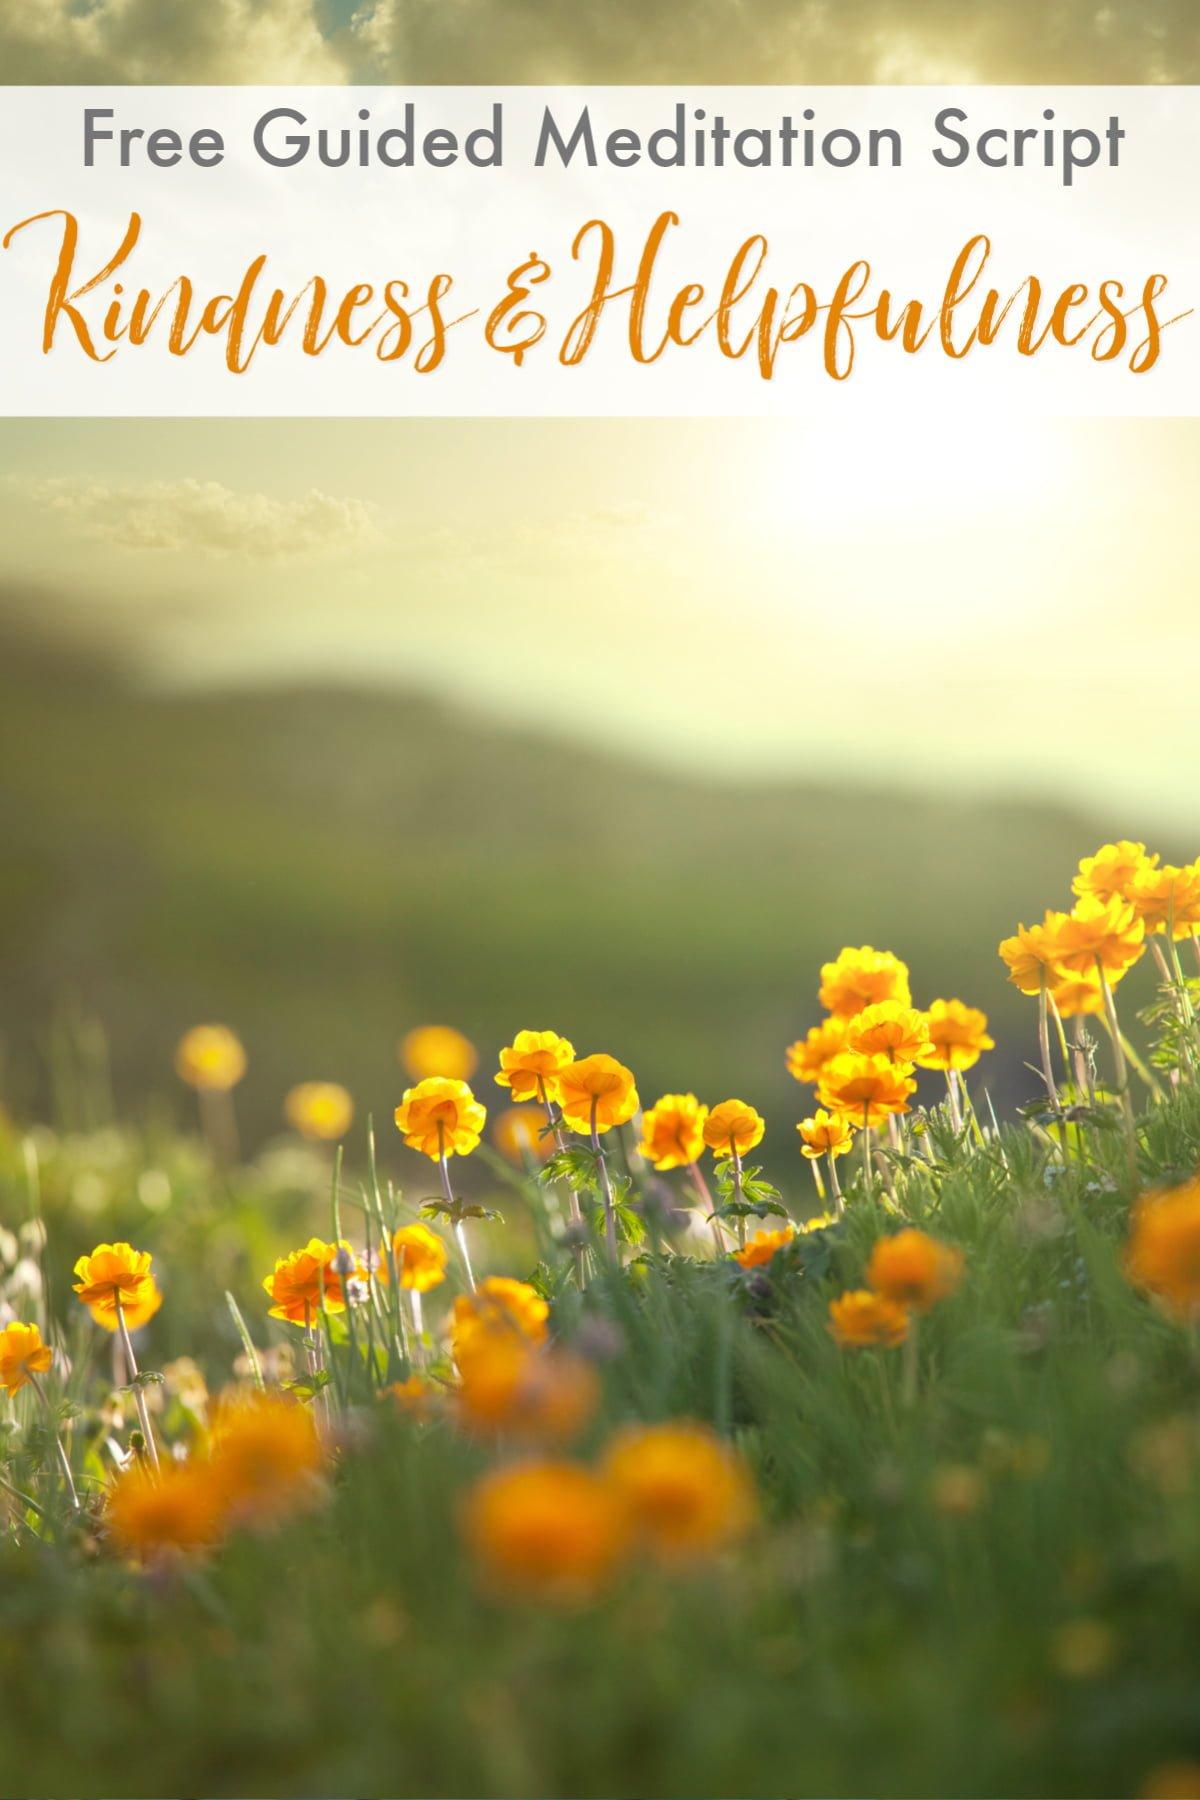 Guided Meditation Script: Morning Meditation on Kindness ...